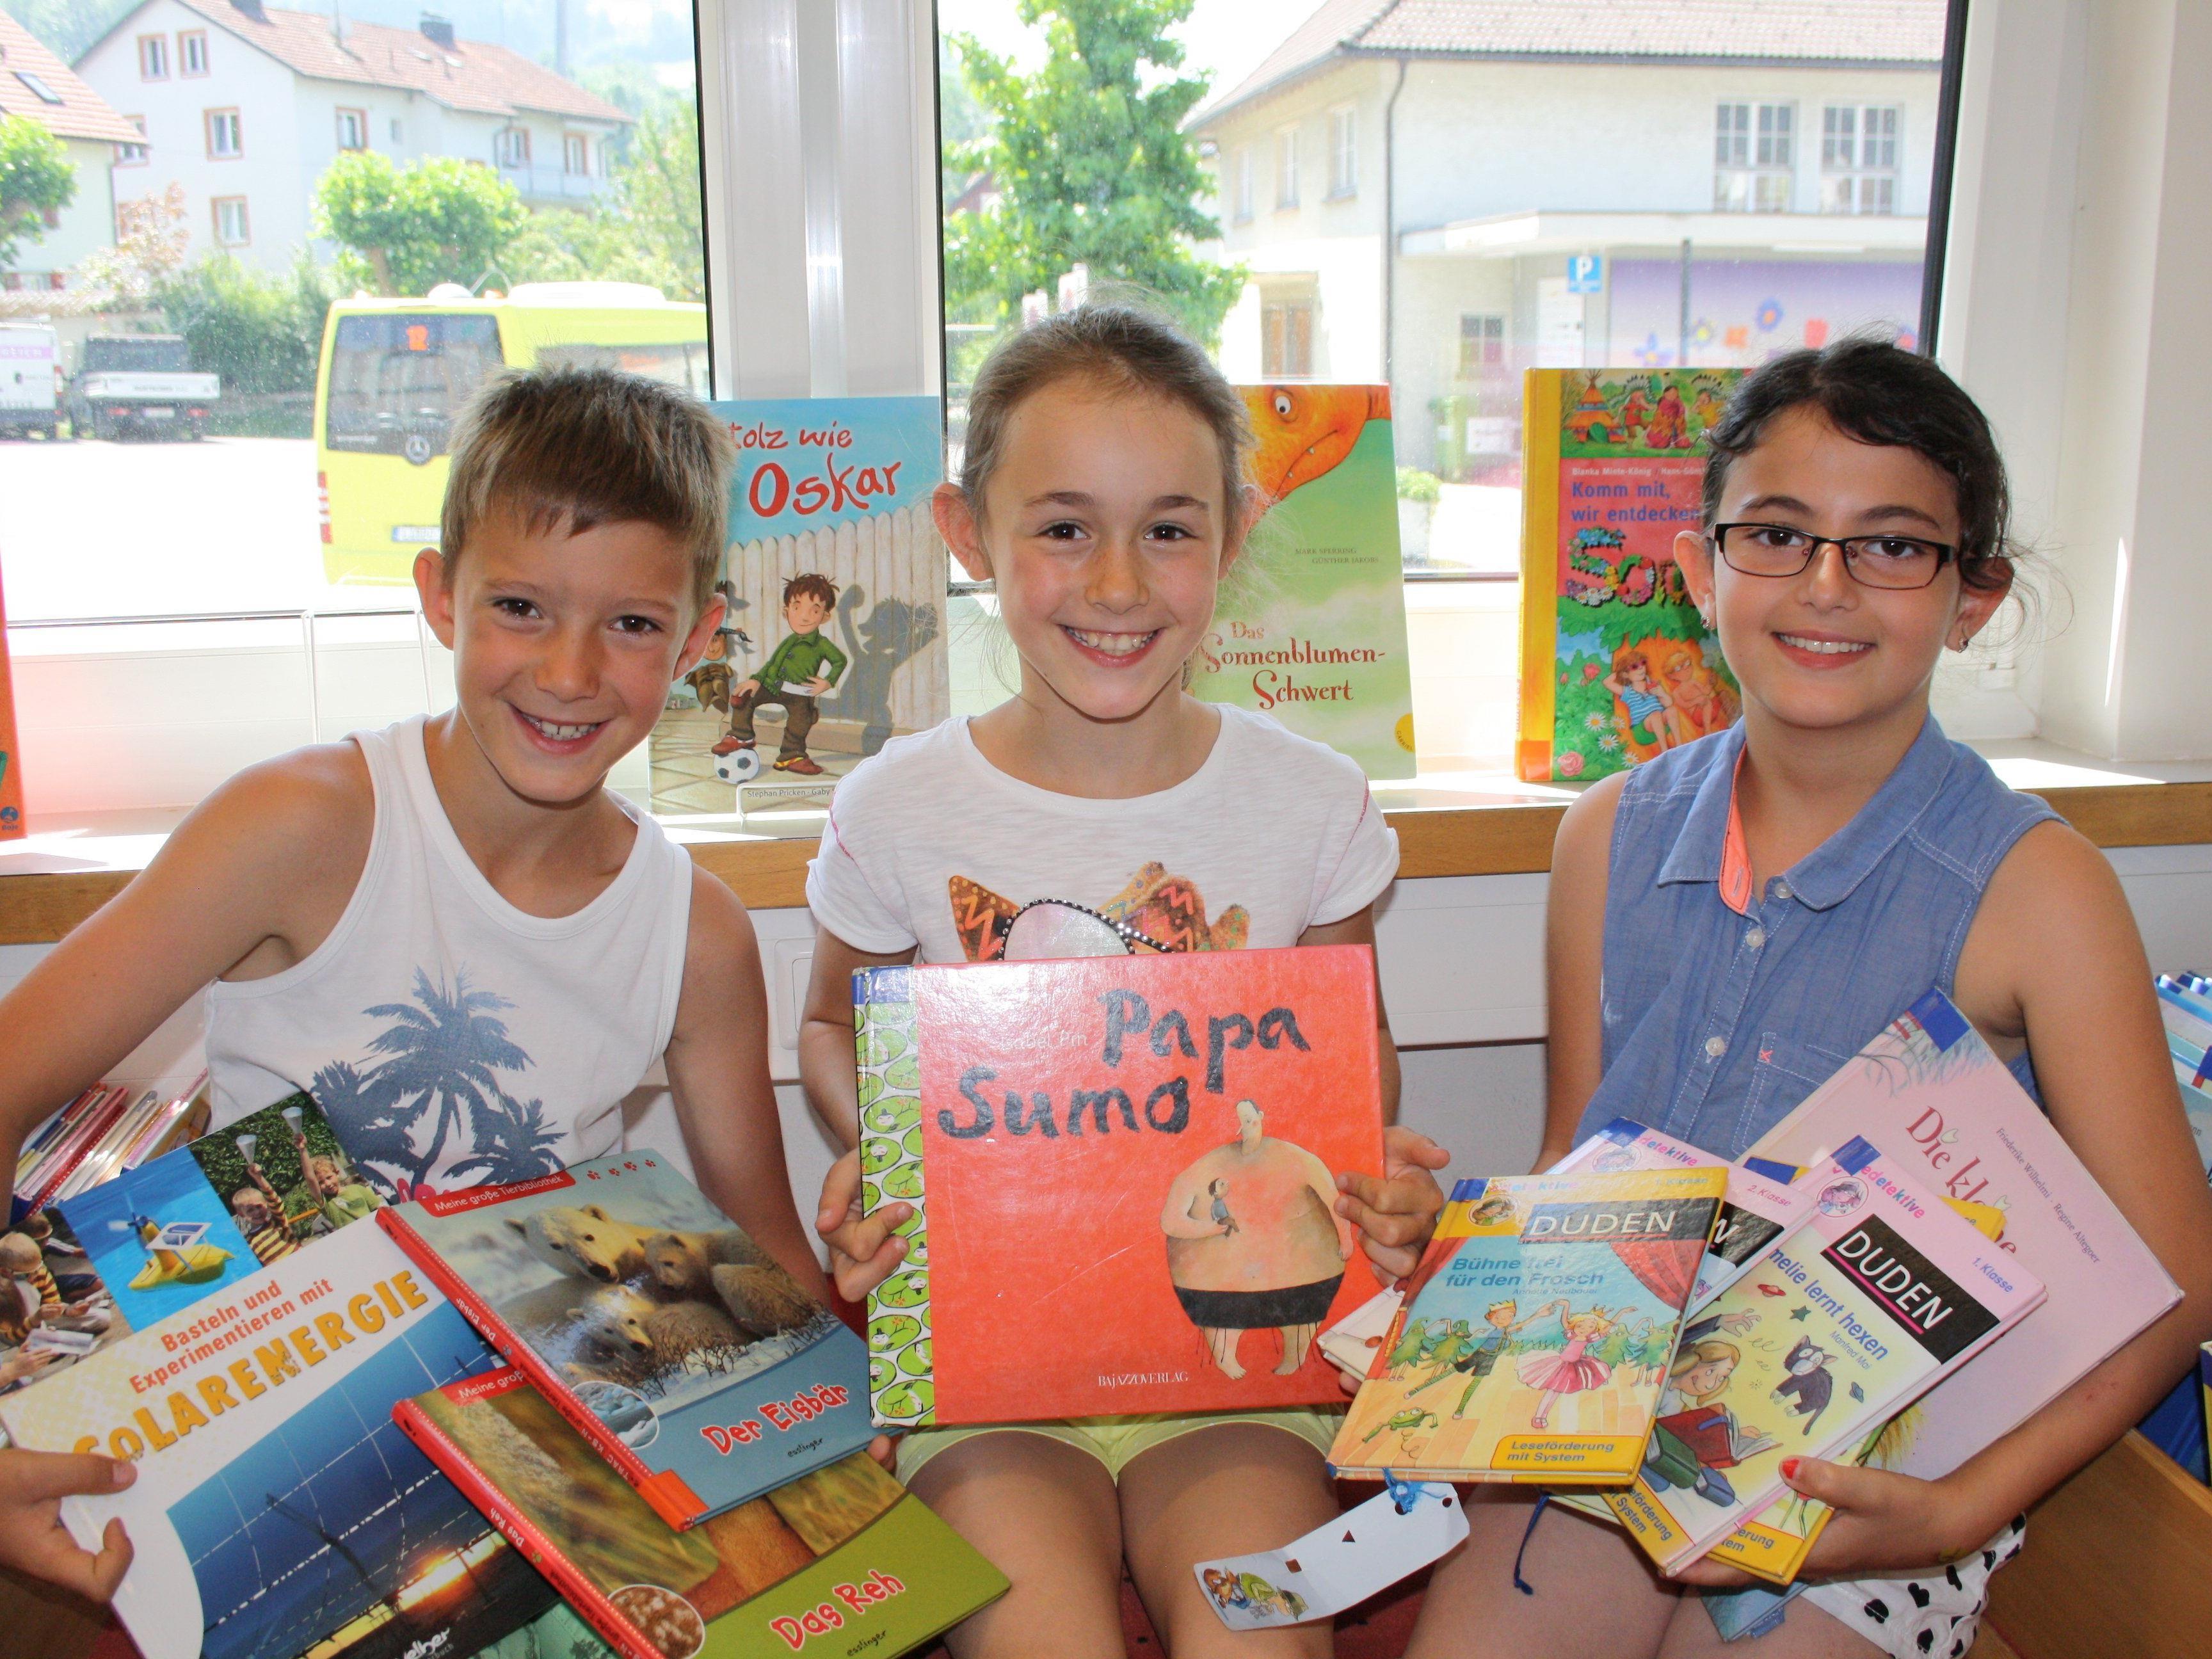 Ein Angebot für die ganze Familie: Neuer Lesestoff und neue Spiele aus der Lochauer Bücherei-Spielothek für eine abwechslungsreiche Ferien- und Urlaubszeit.